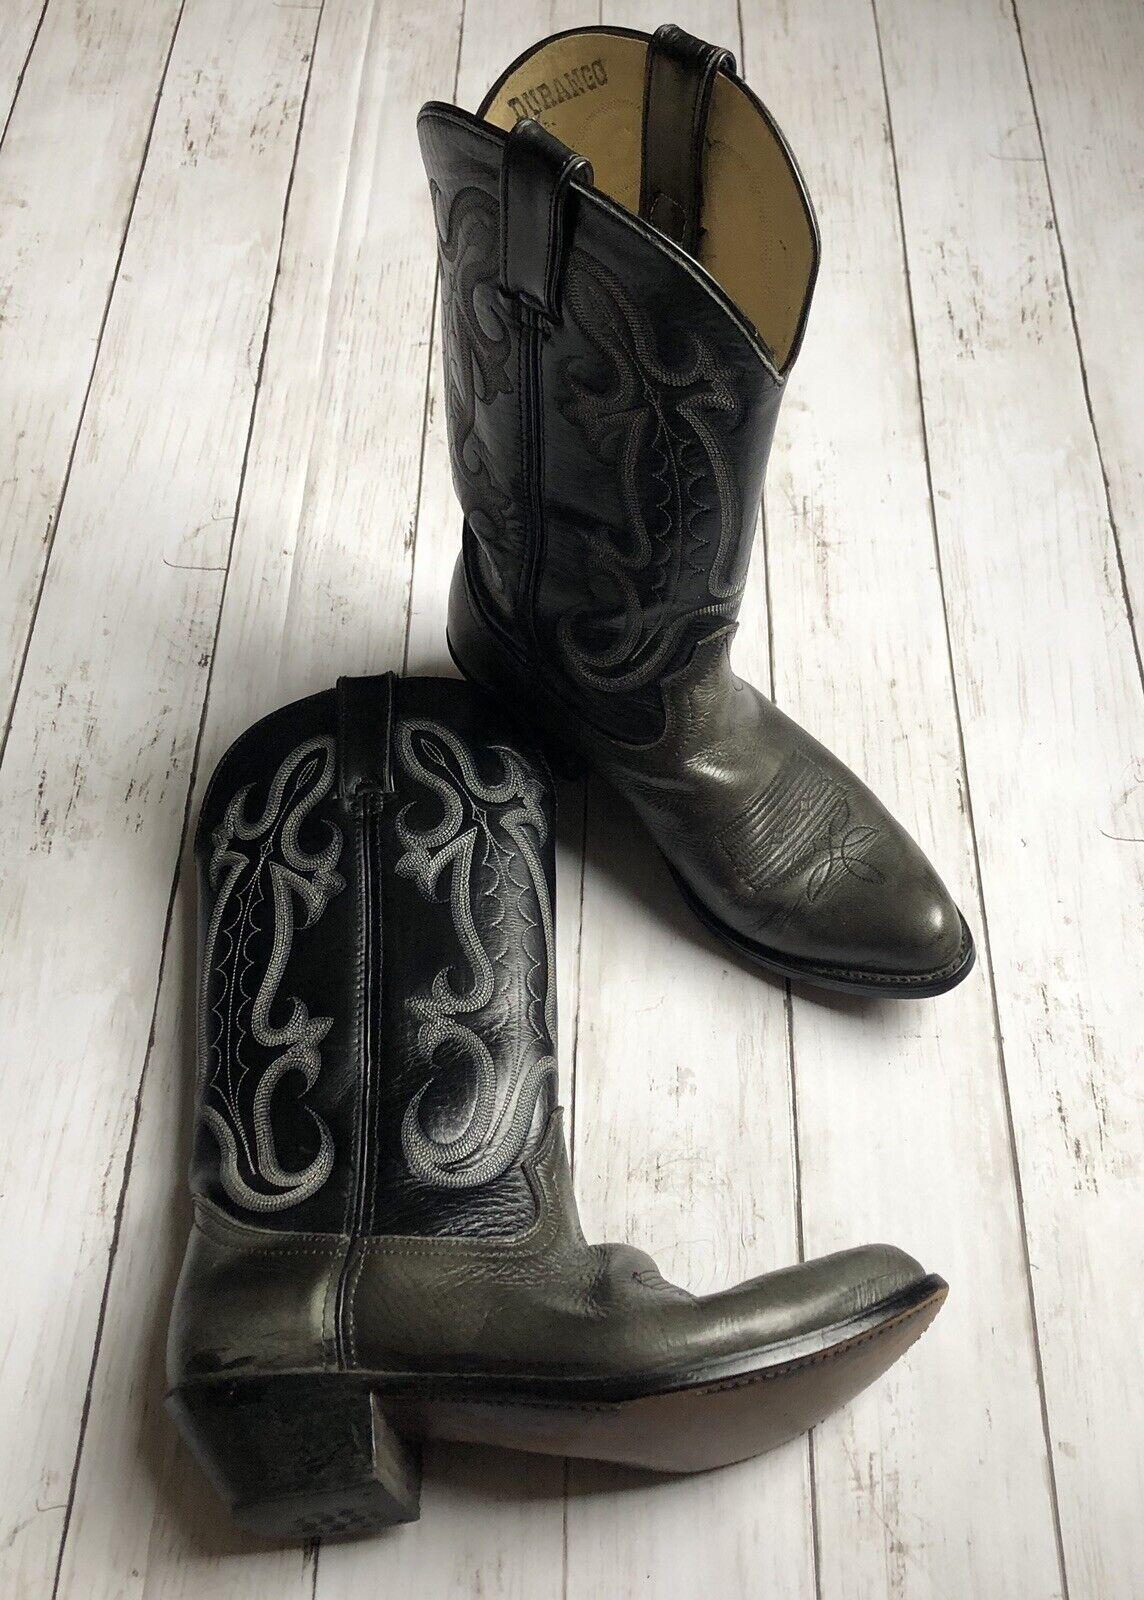 Durango West Men's Sz 8D Black Leather Western Cowboy Ride Rodeo Boots